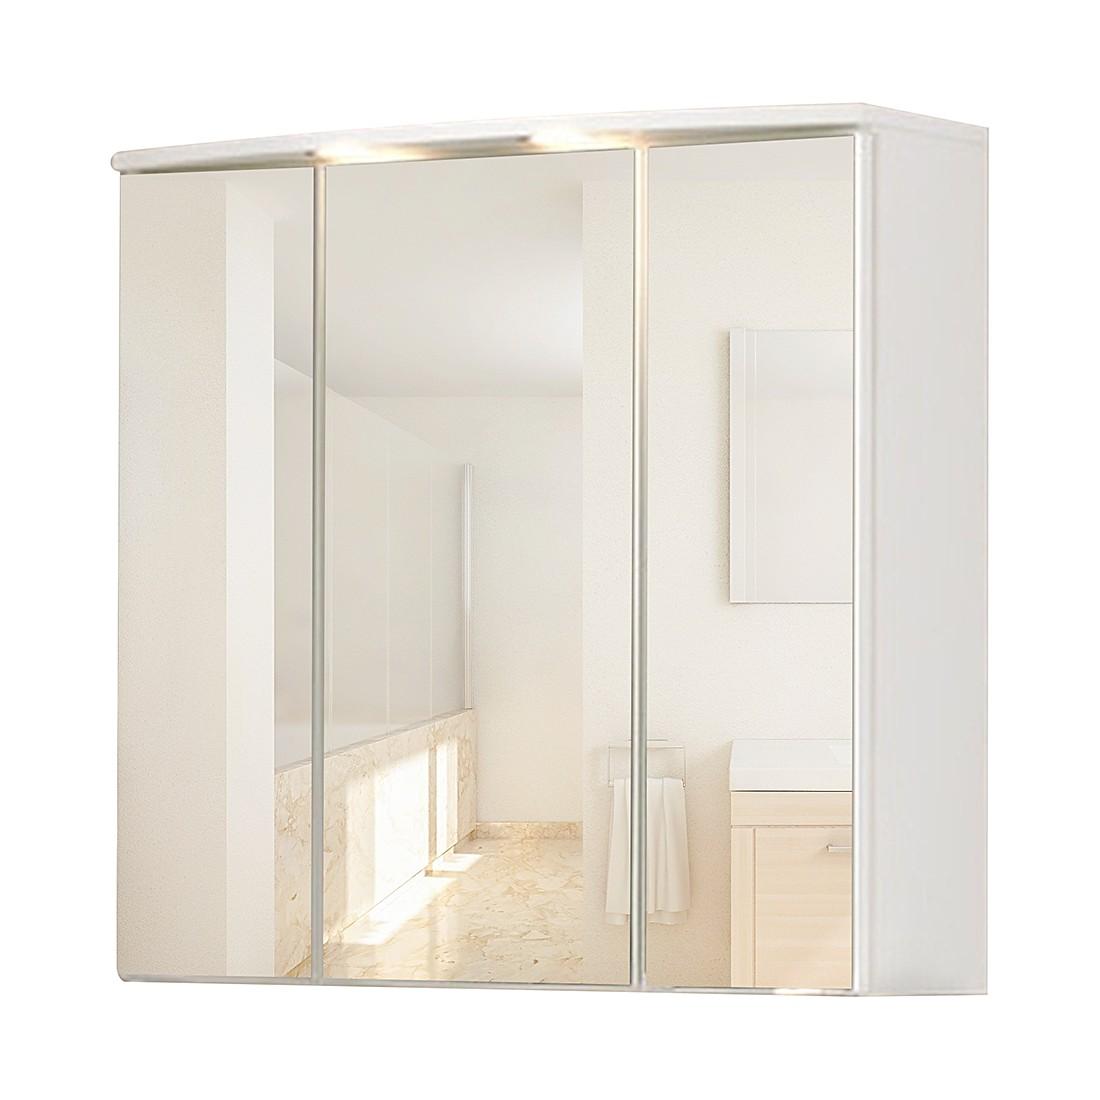 3d spiegelschrank a qua wei for 3d spiegelschrank